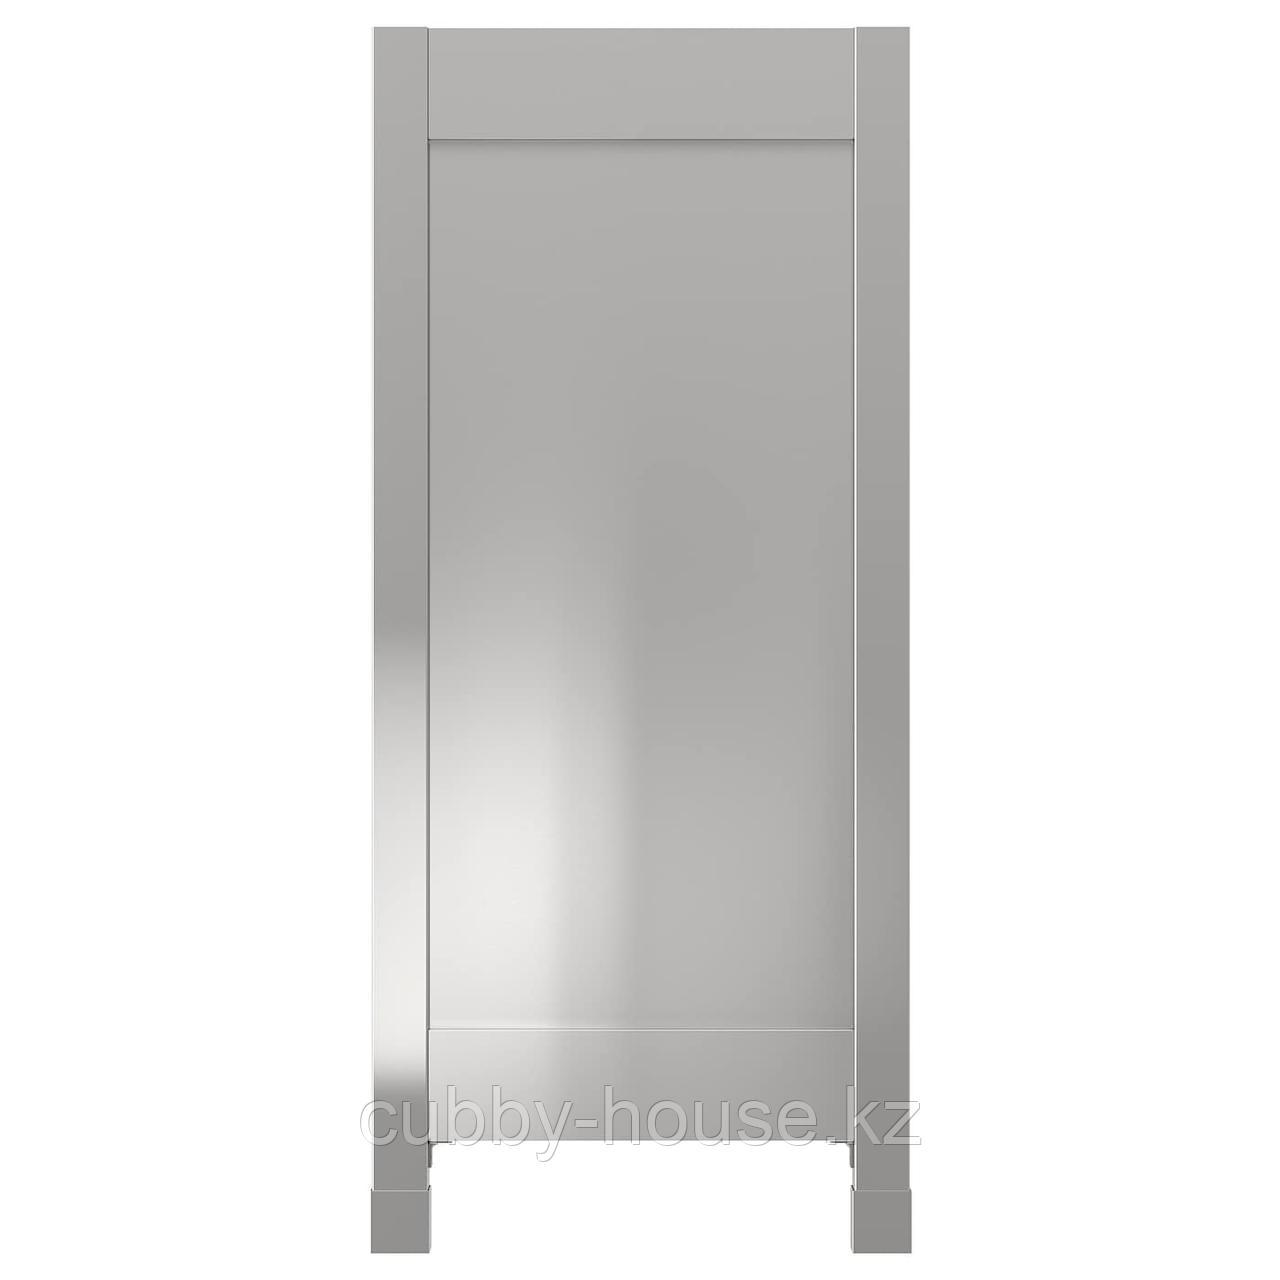 ВОРСТА Накладная панель с ножками, нержавеющ сталь, 62x88 см